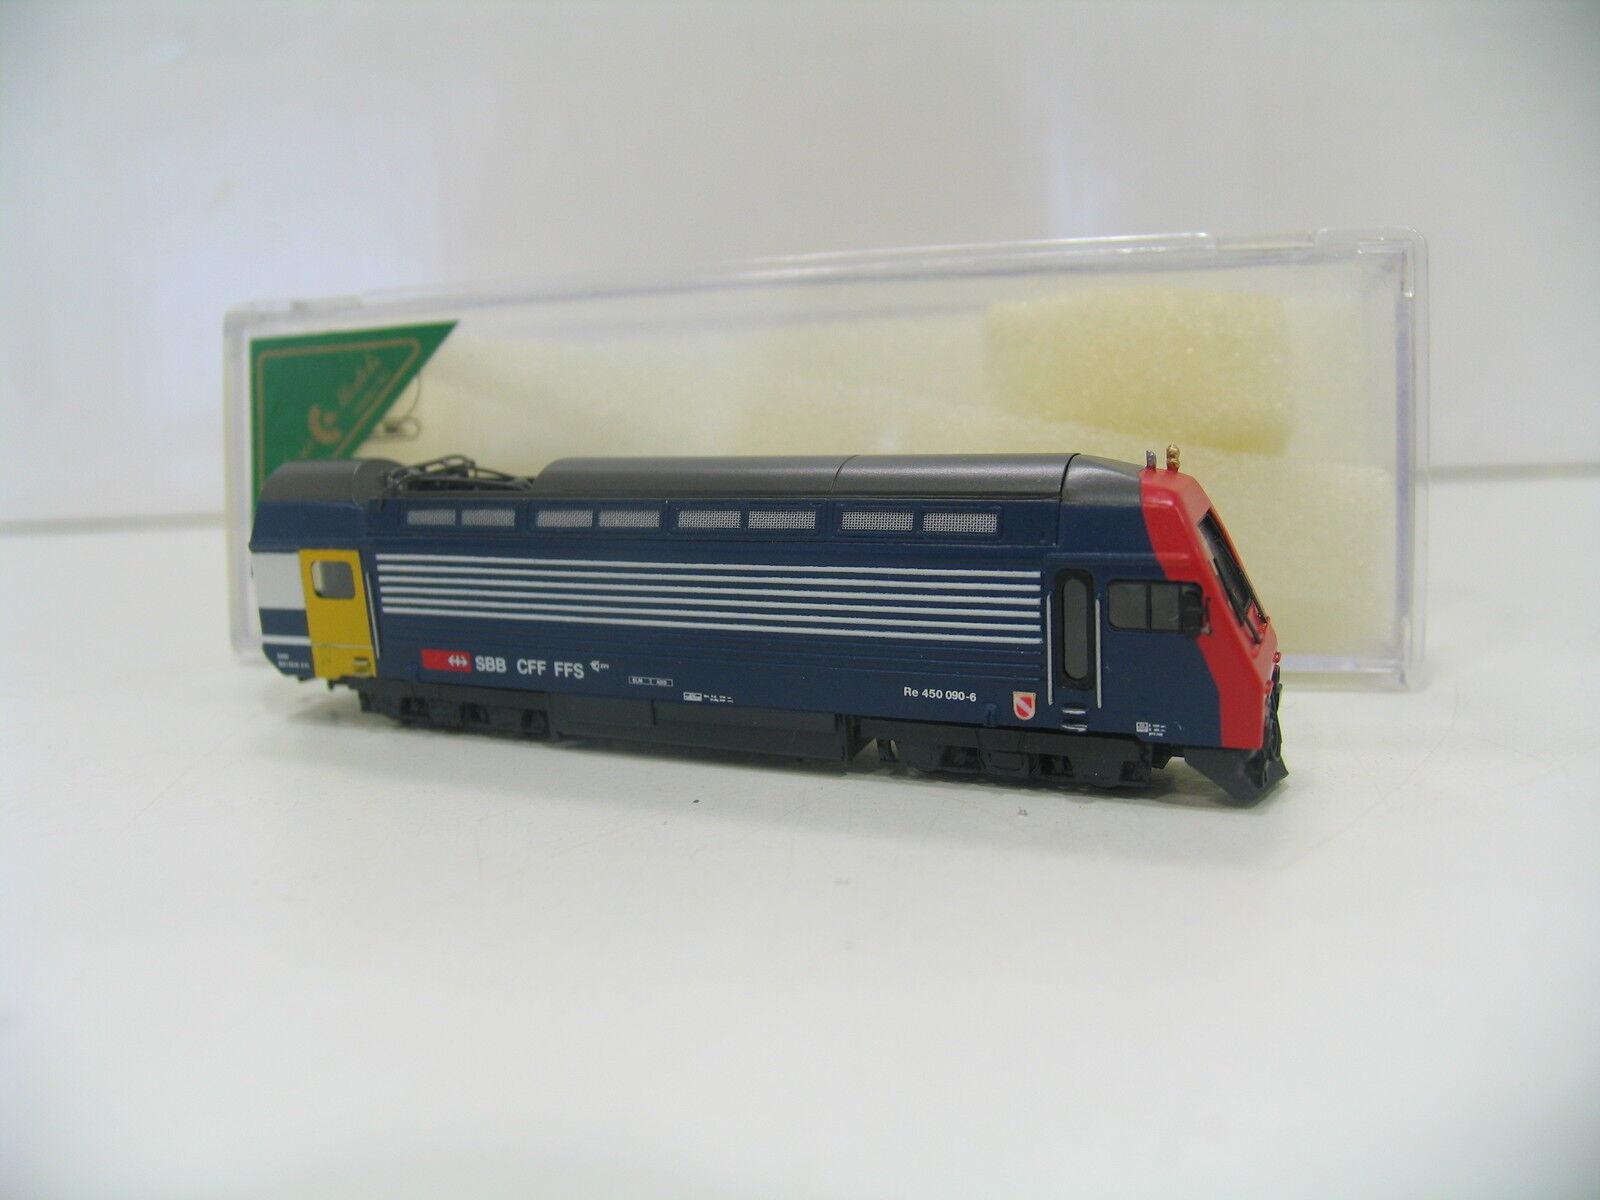 WABU N 501.000 E-Locomotive Re 450 090-6 bluee  Red Front  of the SBB Zürich S-Bahn SC82